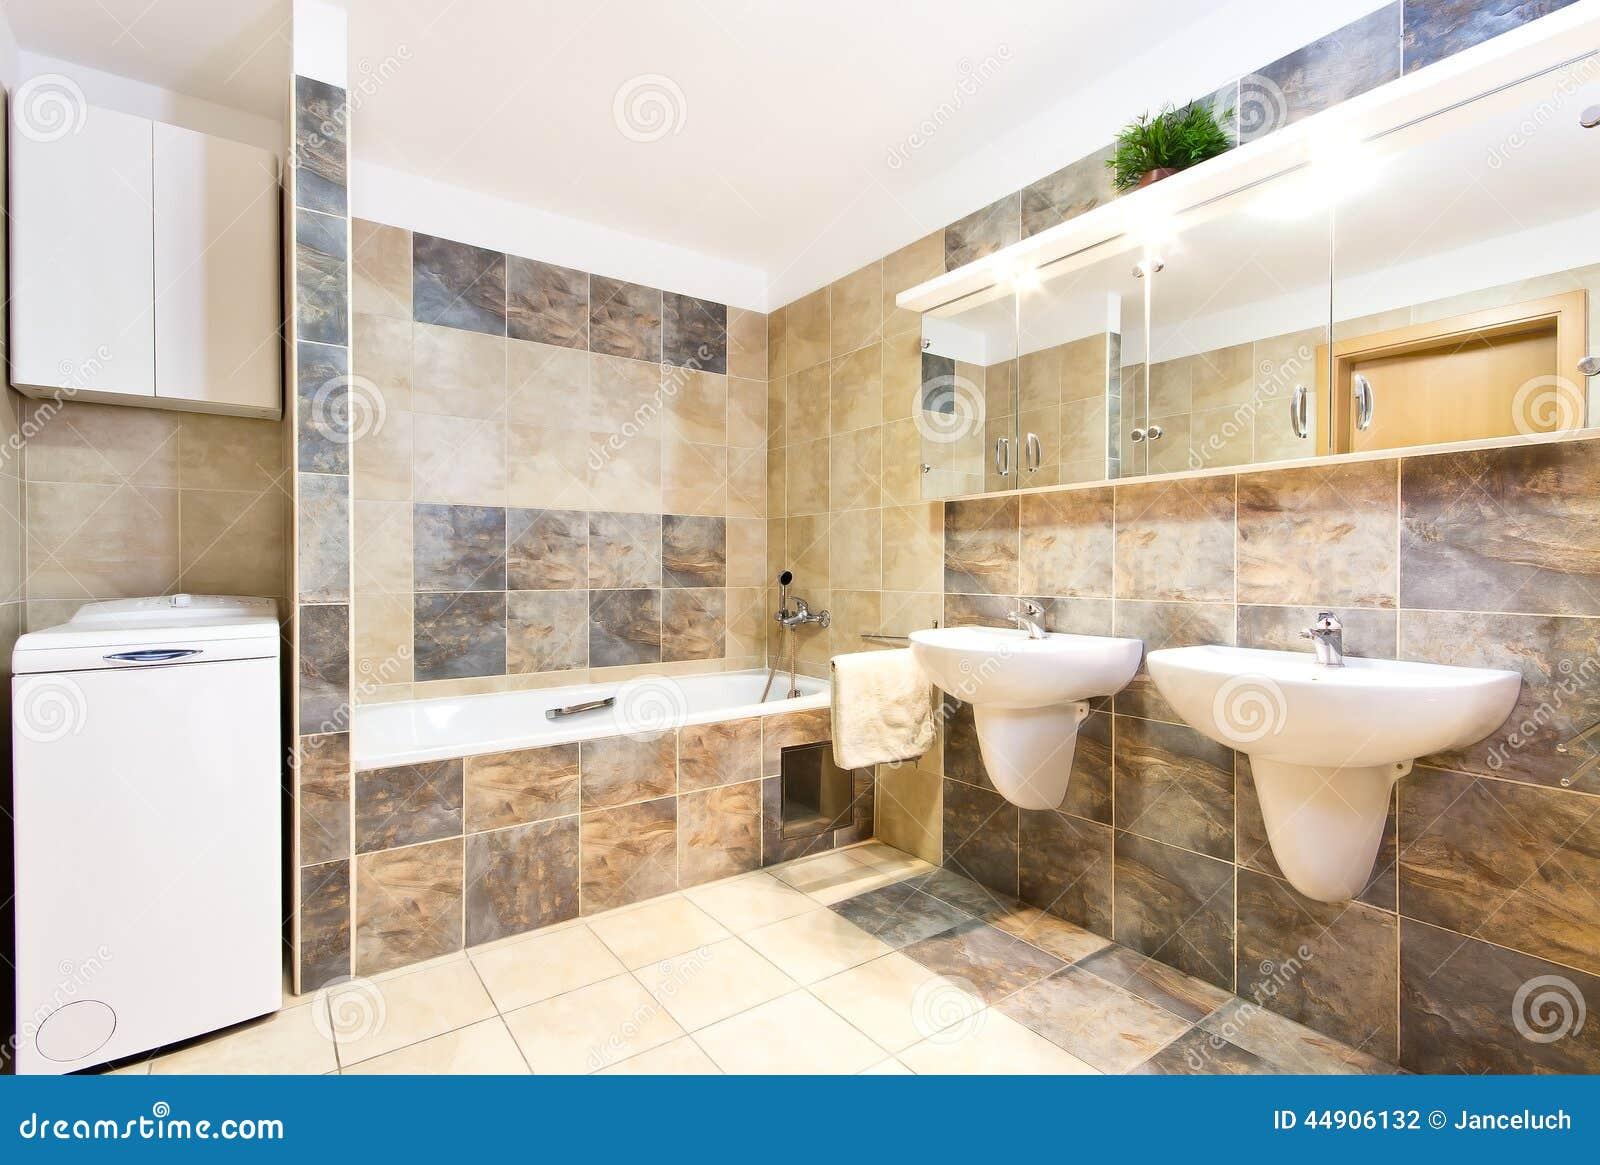 Bagno pulito moderno con due lavandini fotografia stock immagine di specchio stylish 44906132 - Due lavandini bagno ...